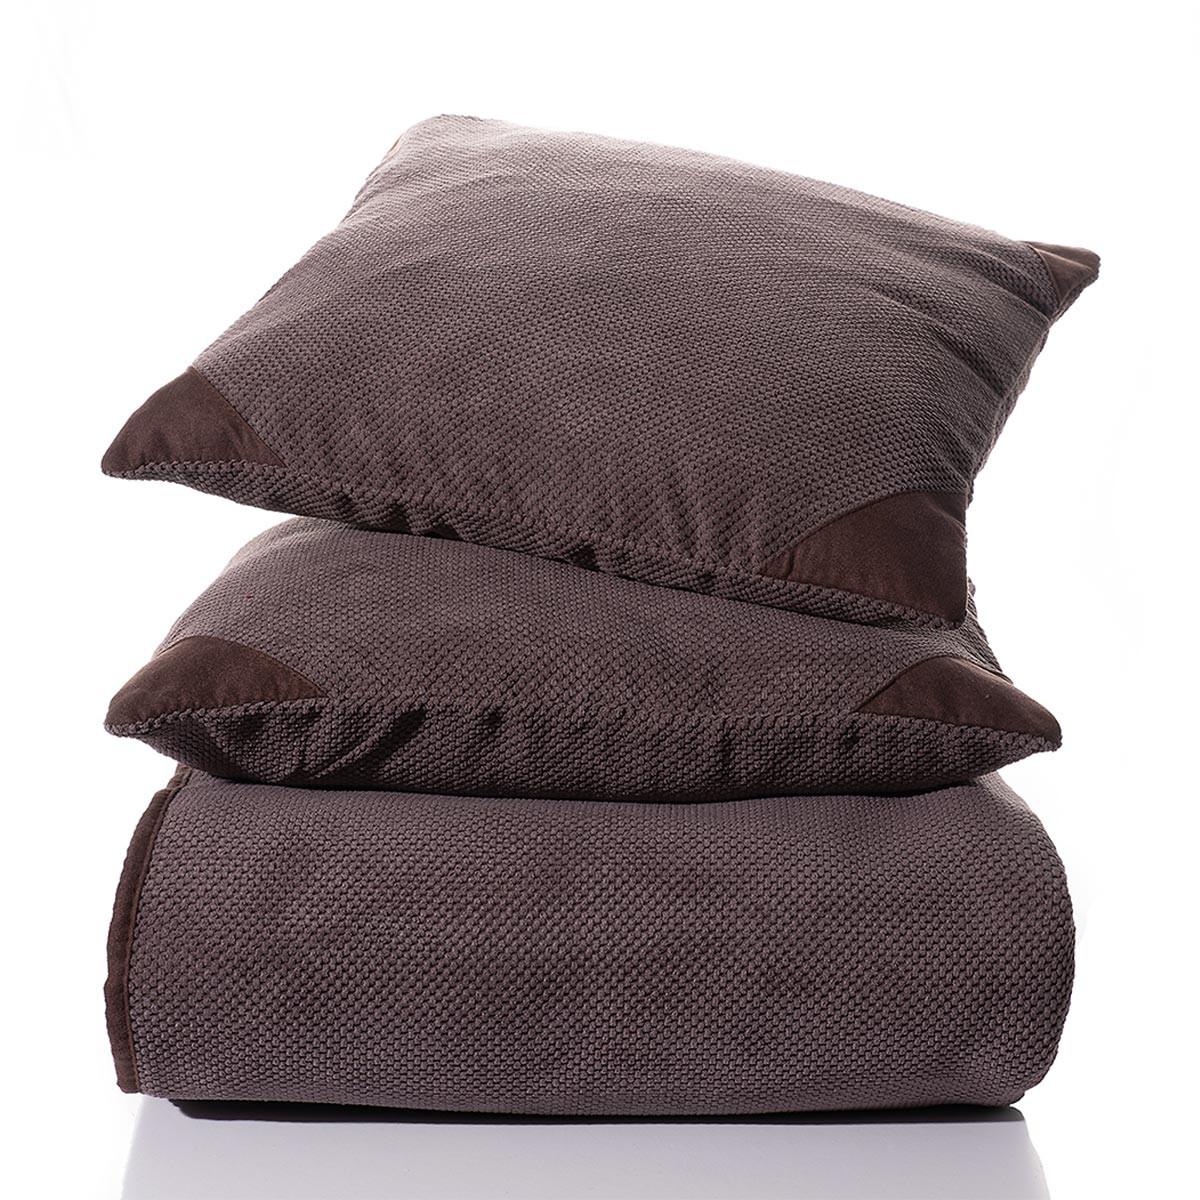 Ριχτάρι Πολυθρόνας (180×180) Silk Fashion 1715 Choco